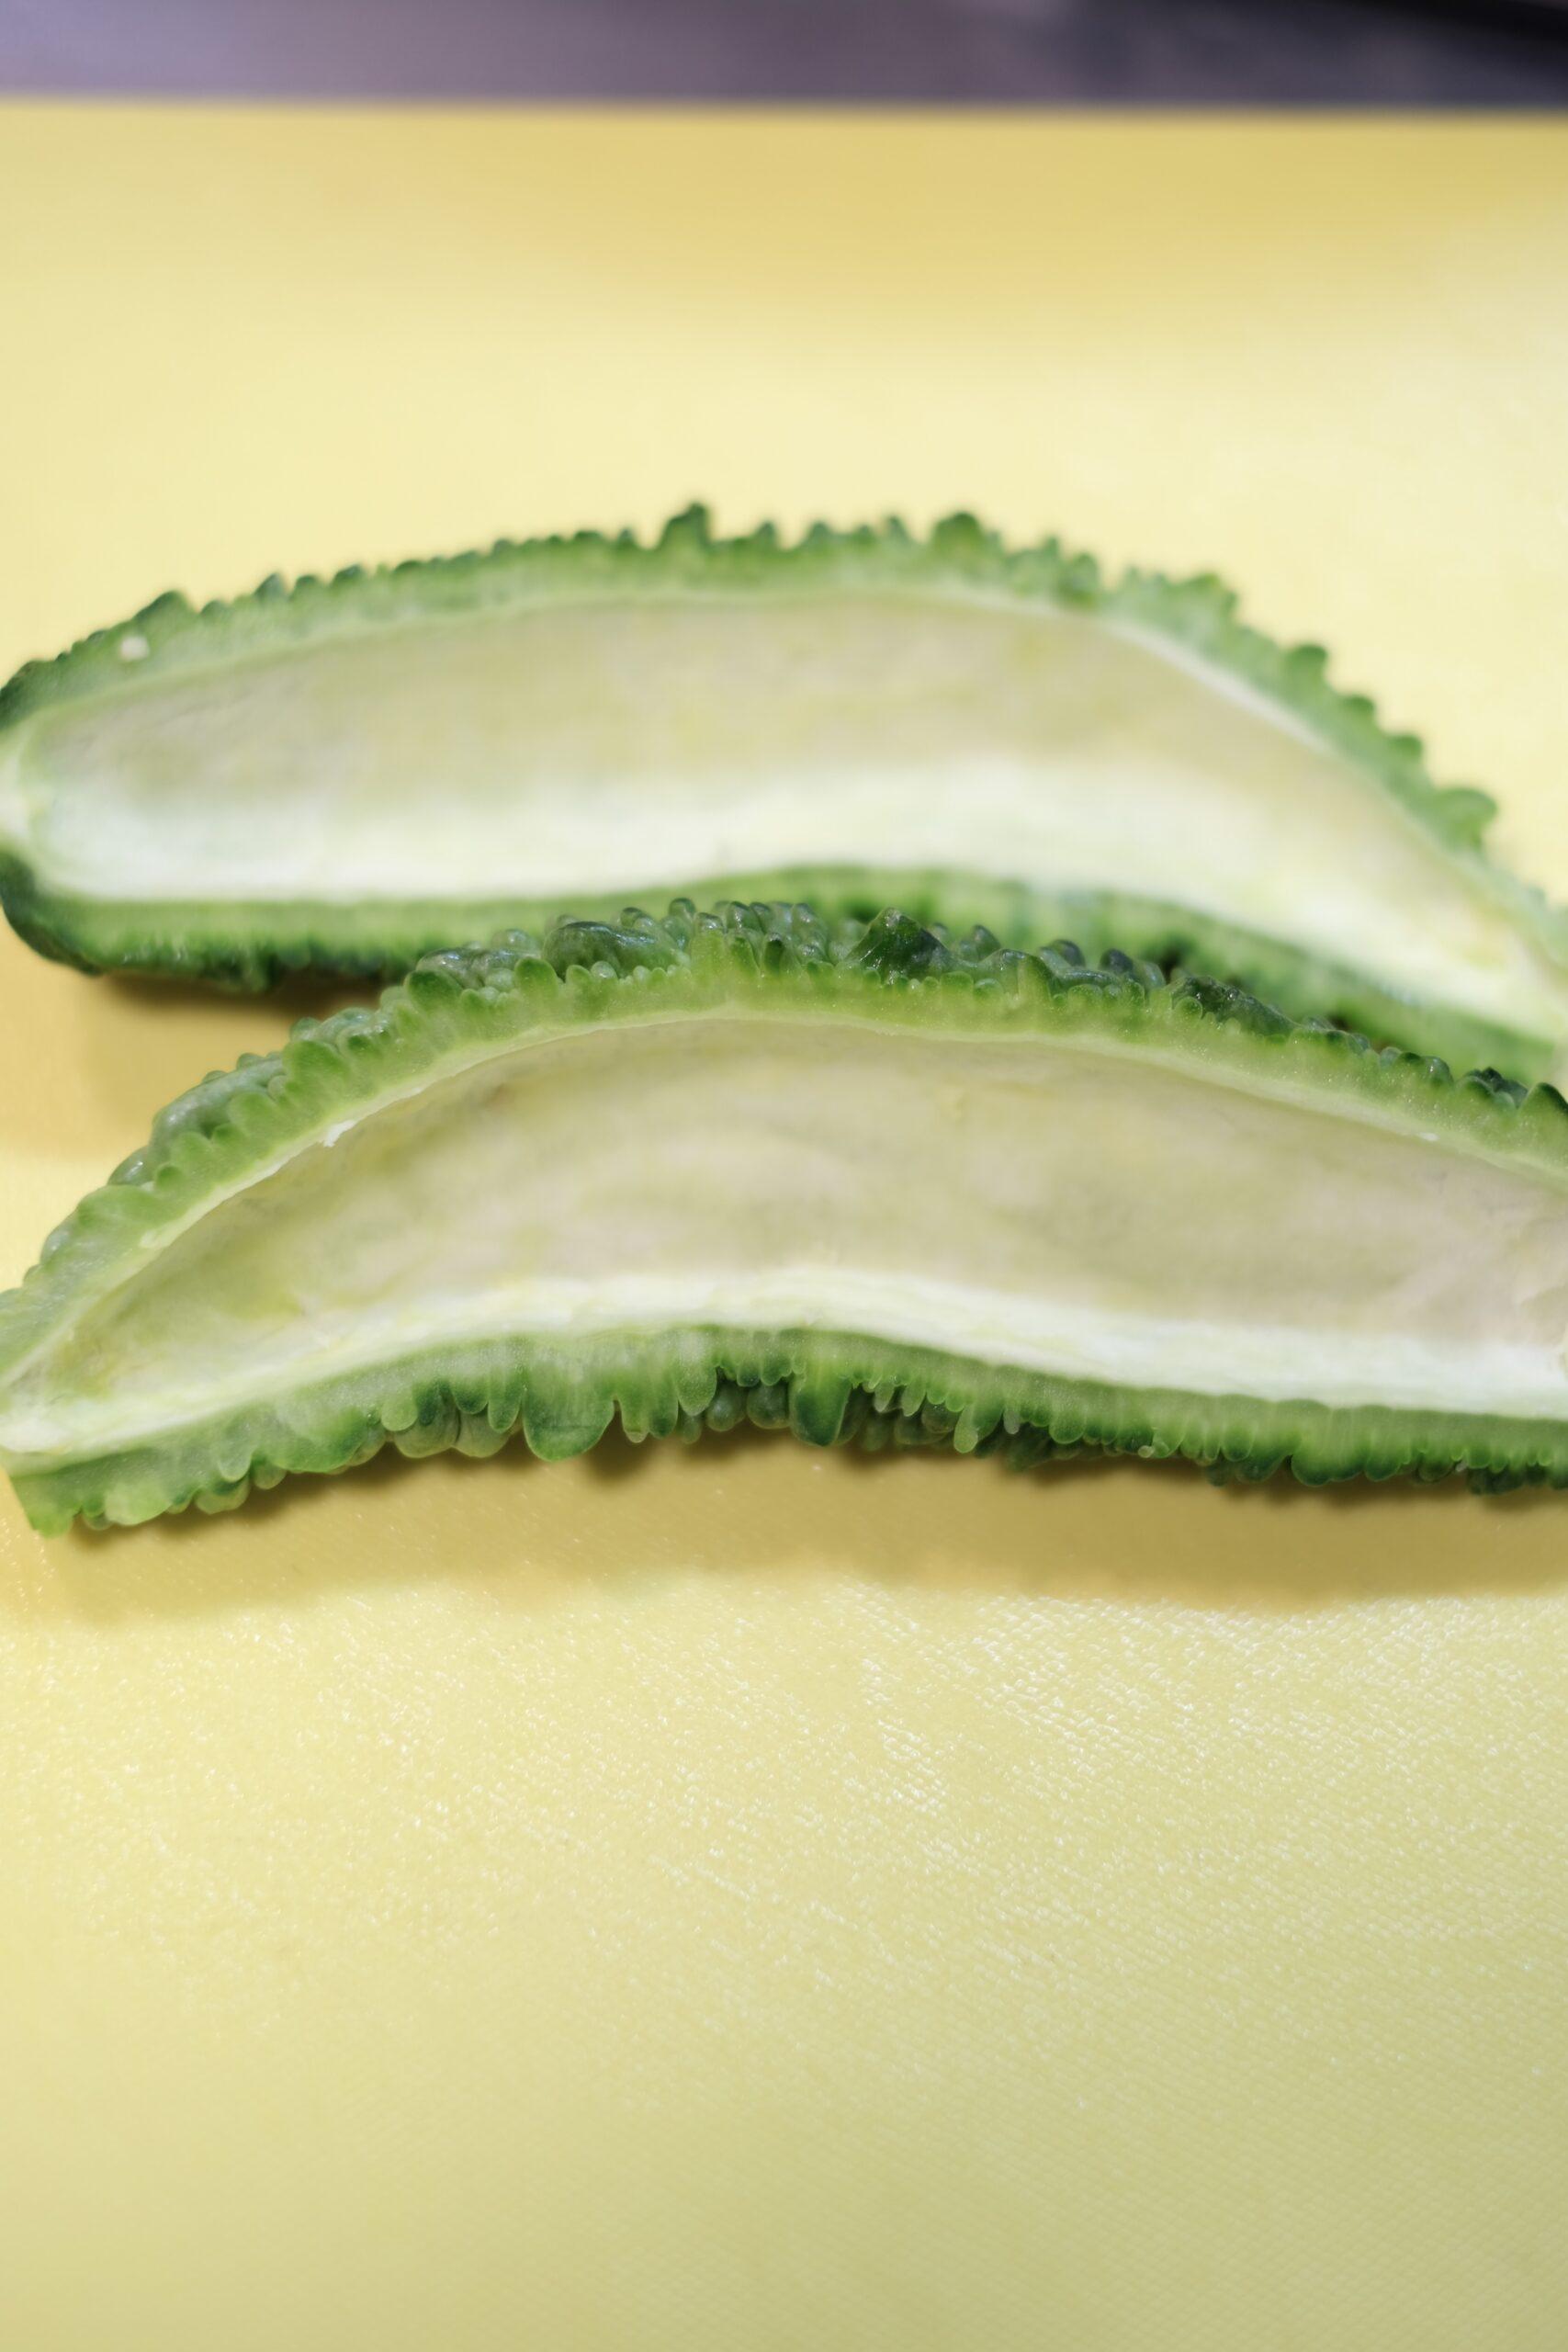 ゴーヤの両端を切り落として、縦に半分に割り、種と綿を取り除いた状態の画像です